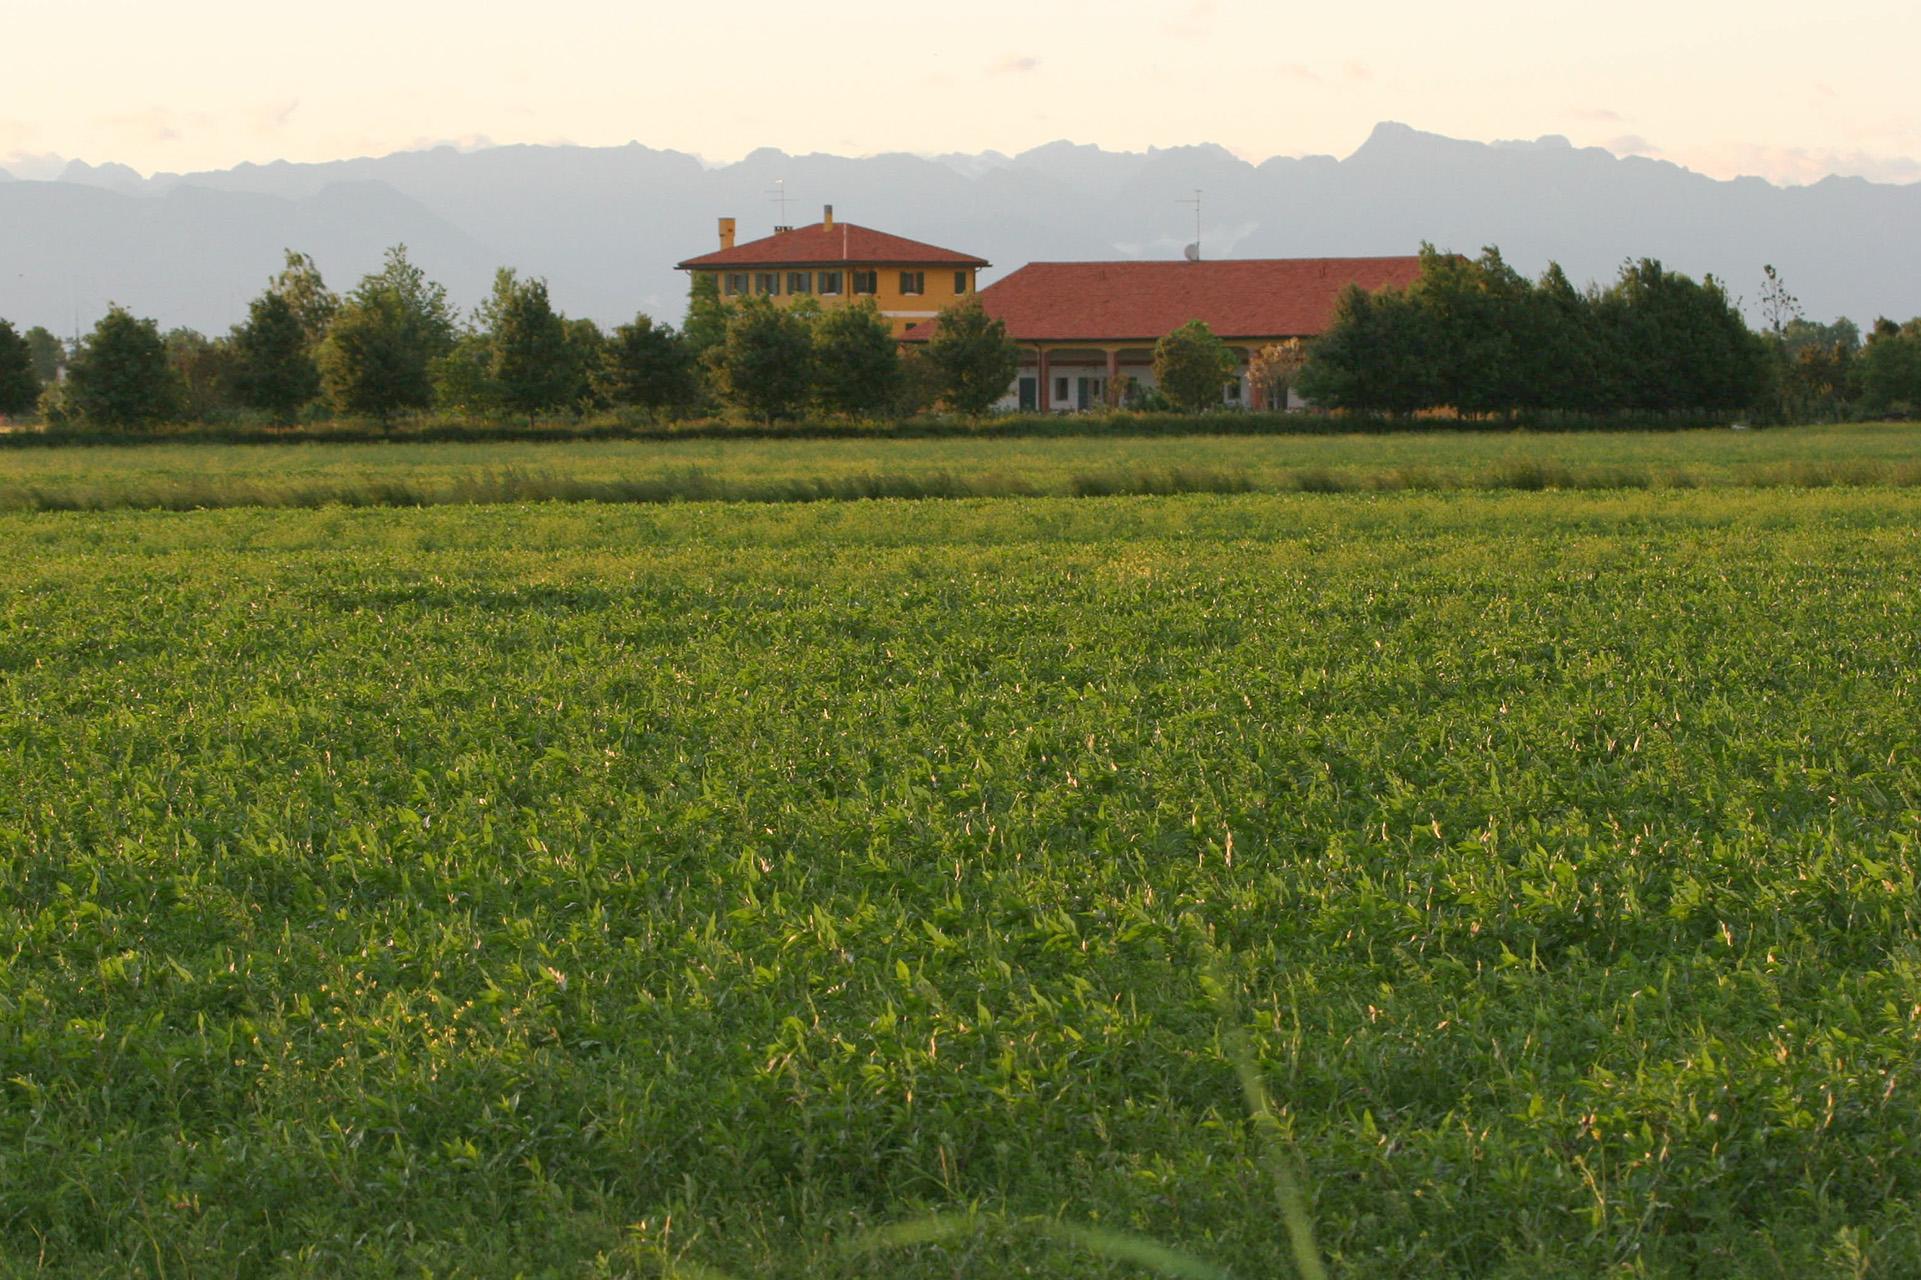 Agriturismo a Caorle - Agriturismo Lemene, Caorle